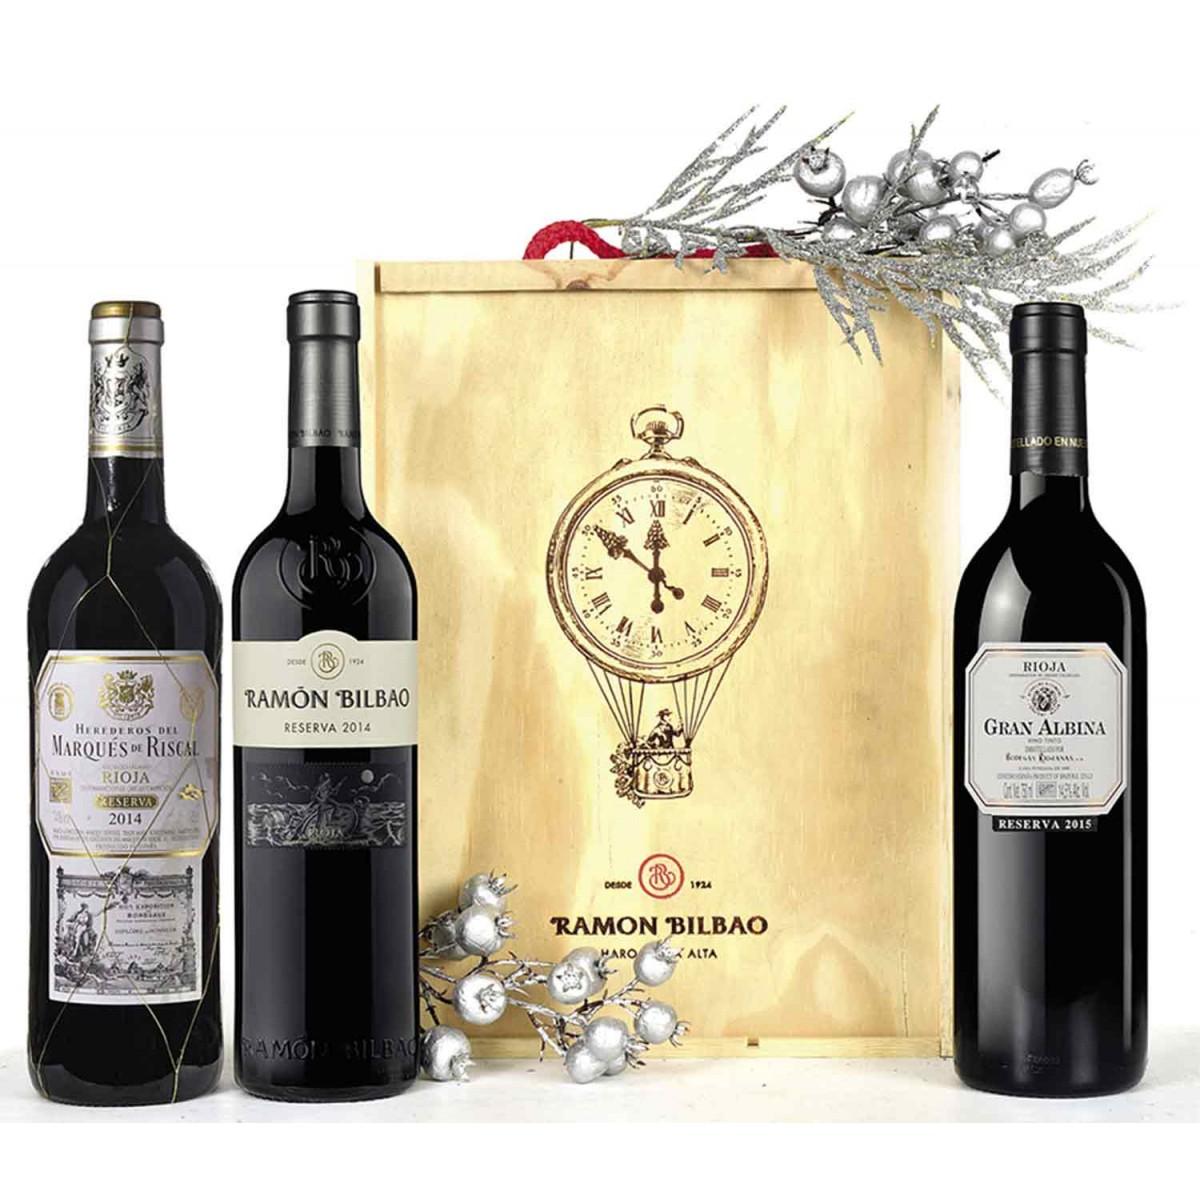 https://www.carneseleccion.com/10579-thickbox_default/seleccion-de-vinos-de-navidad-n-220.jpg